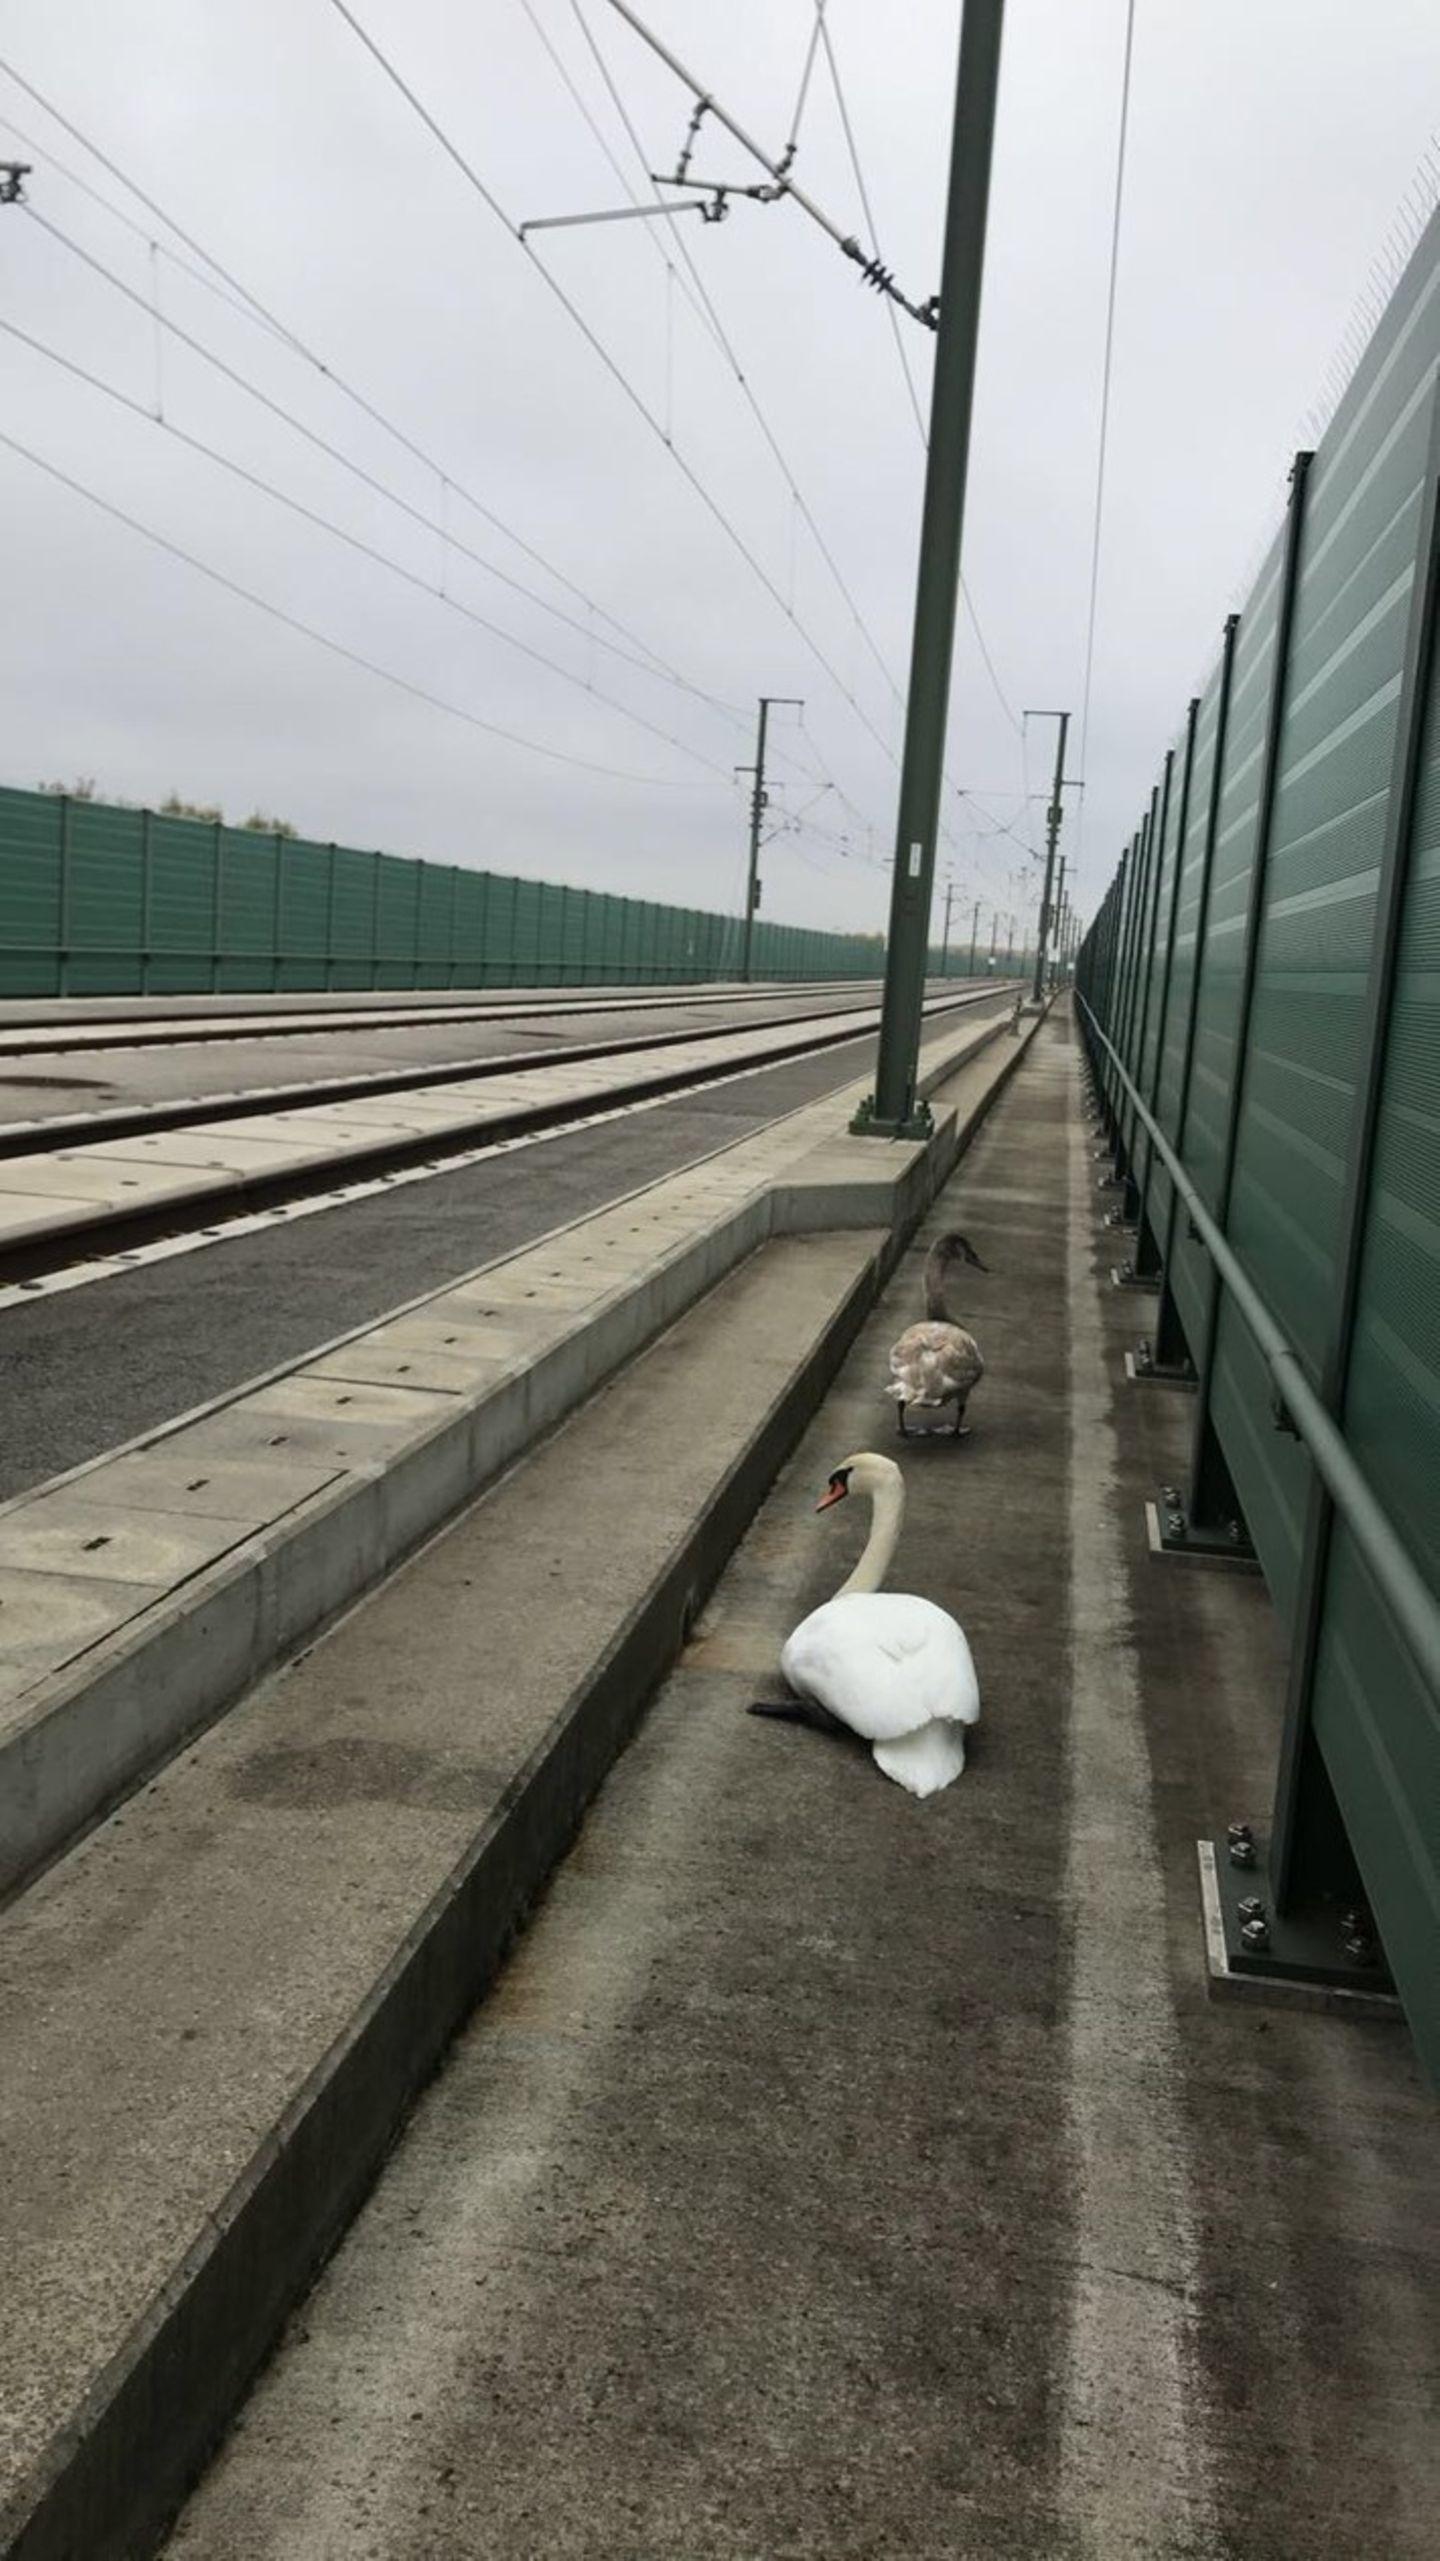 Kein Terrain für Schwäne: Die ICE-Schnellbahnstrecke zwischen Leipzig/Halle und Erfurt